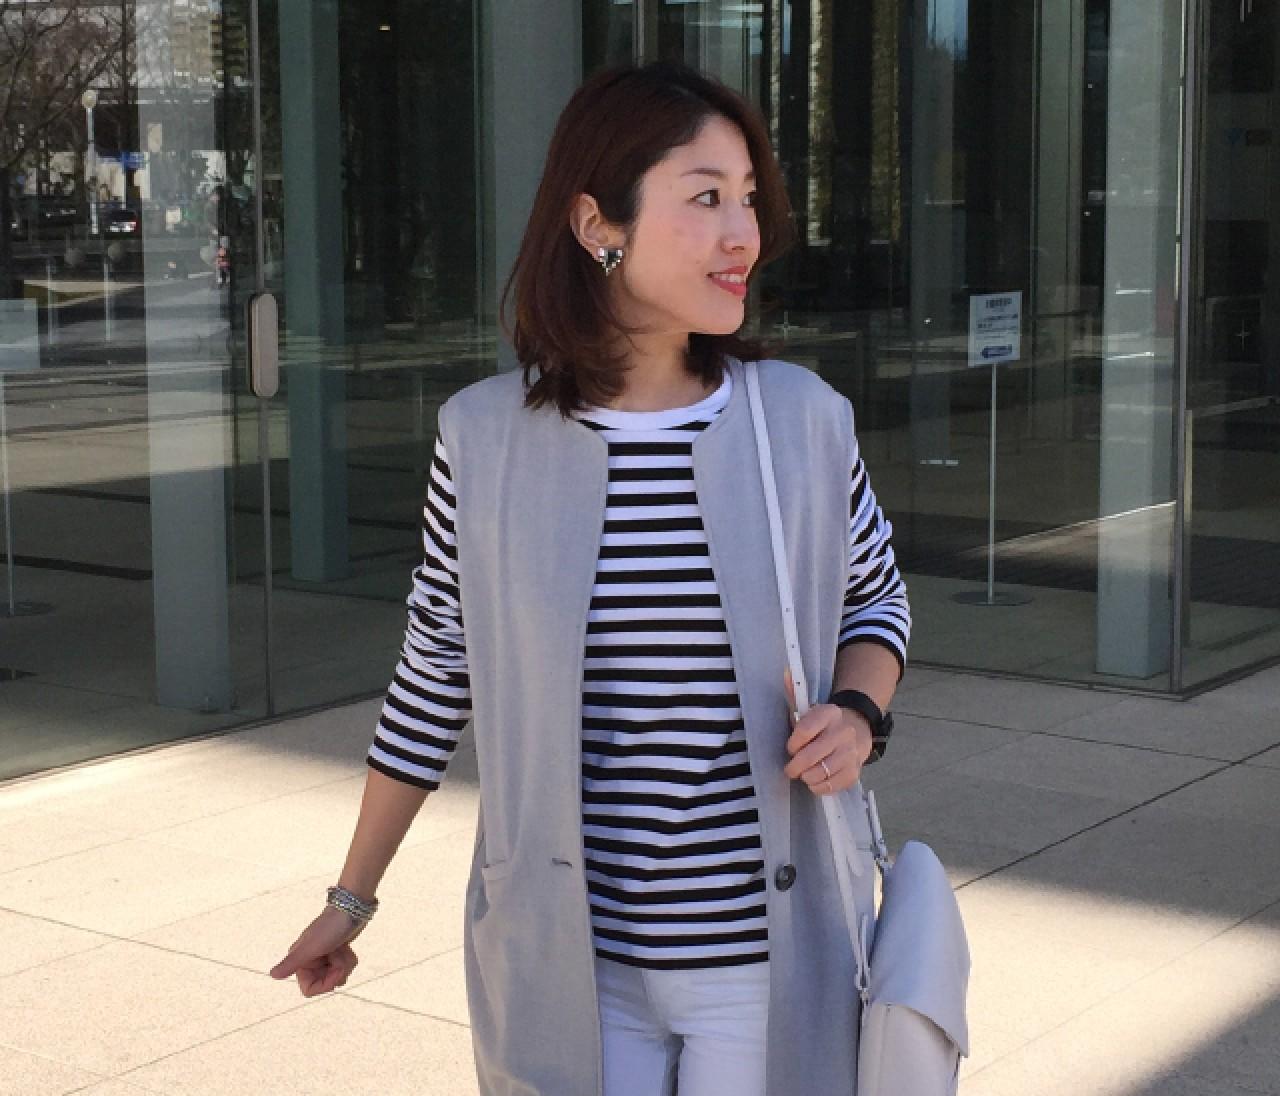 【#バイラーズの春服 #OOTD】辰口雪絵さん